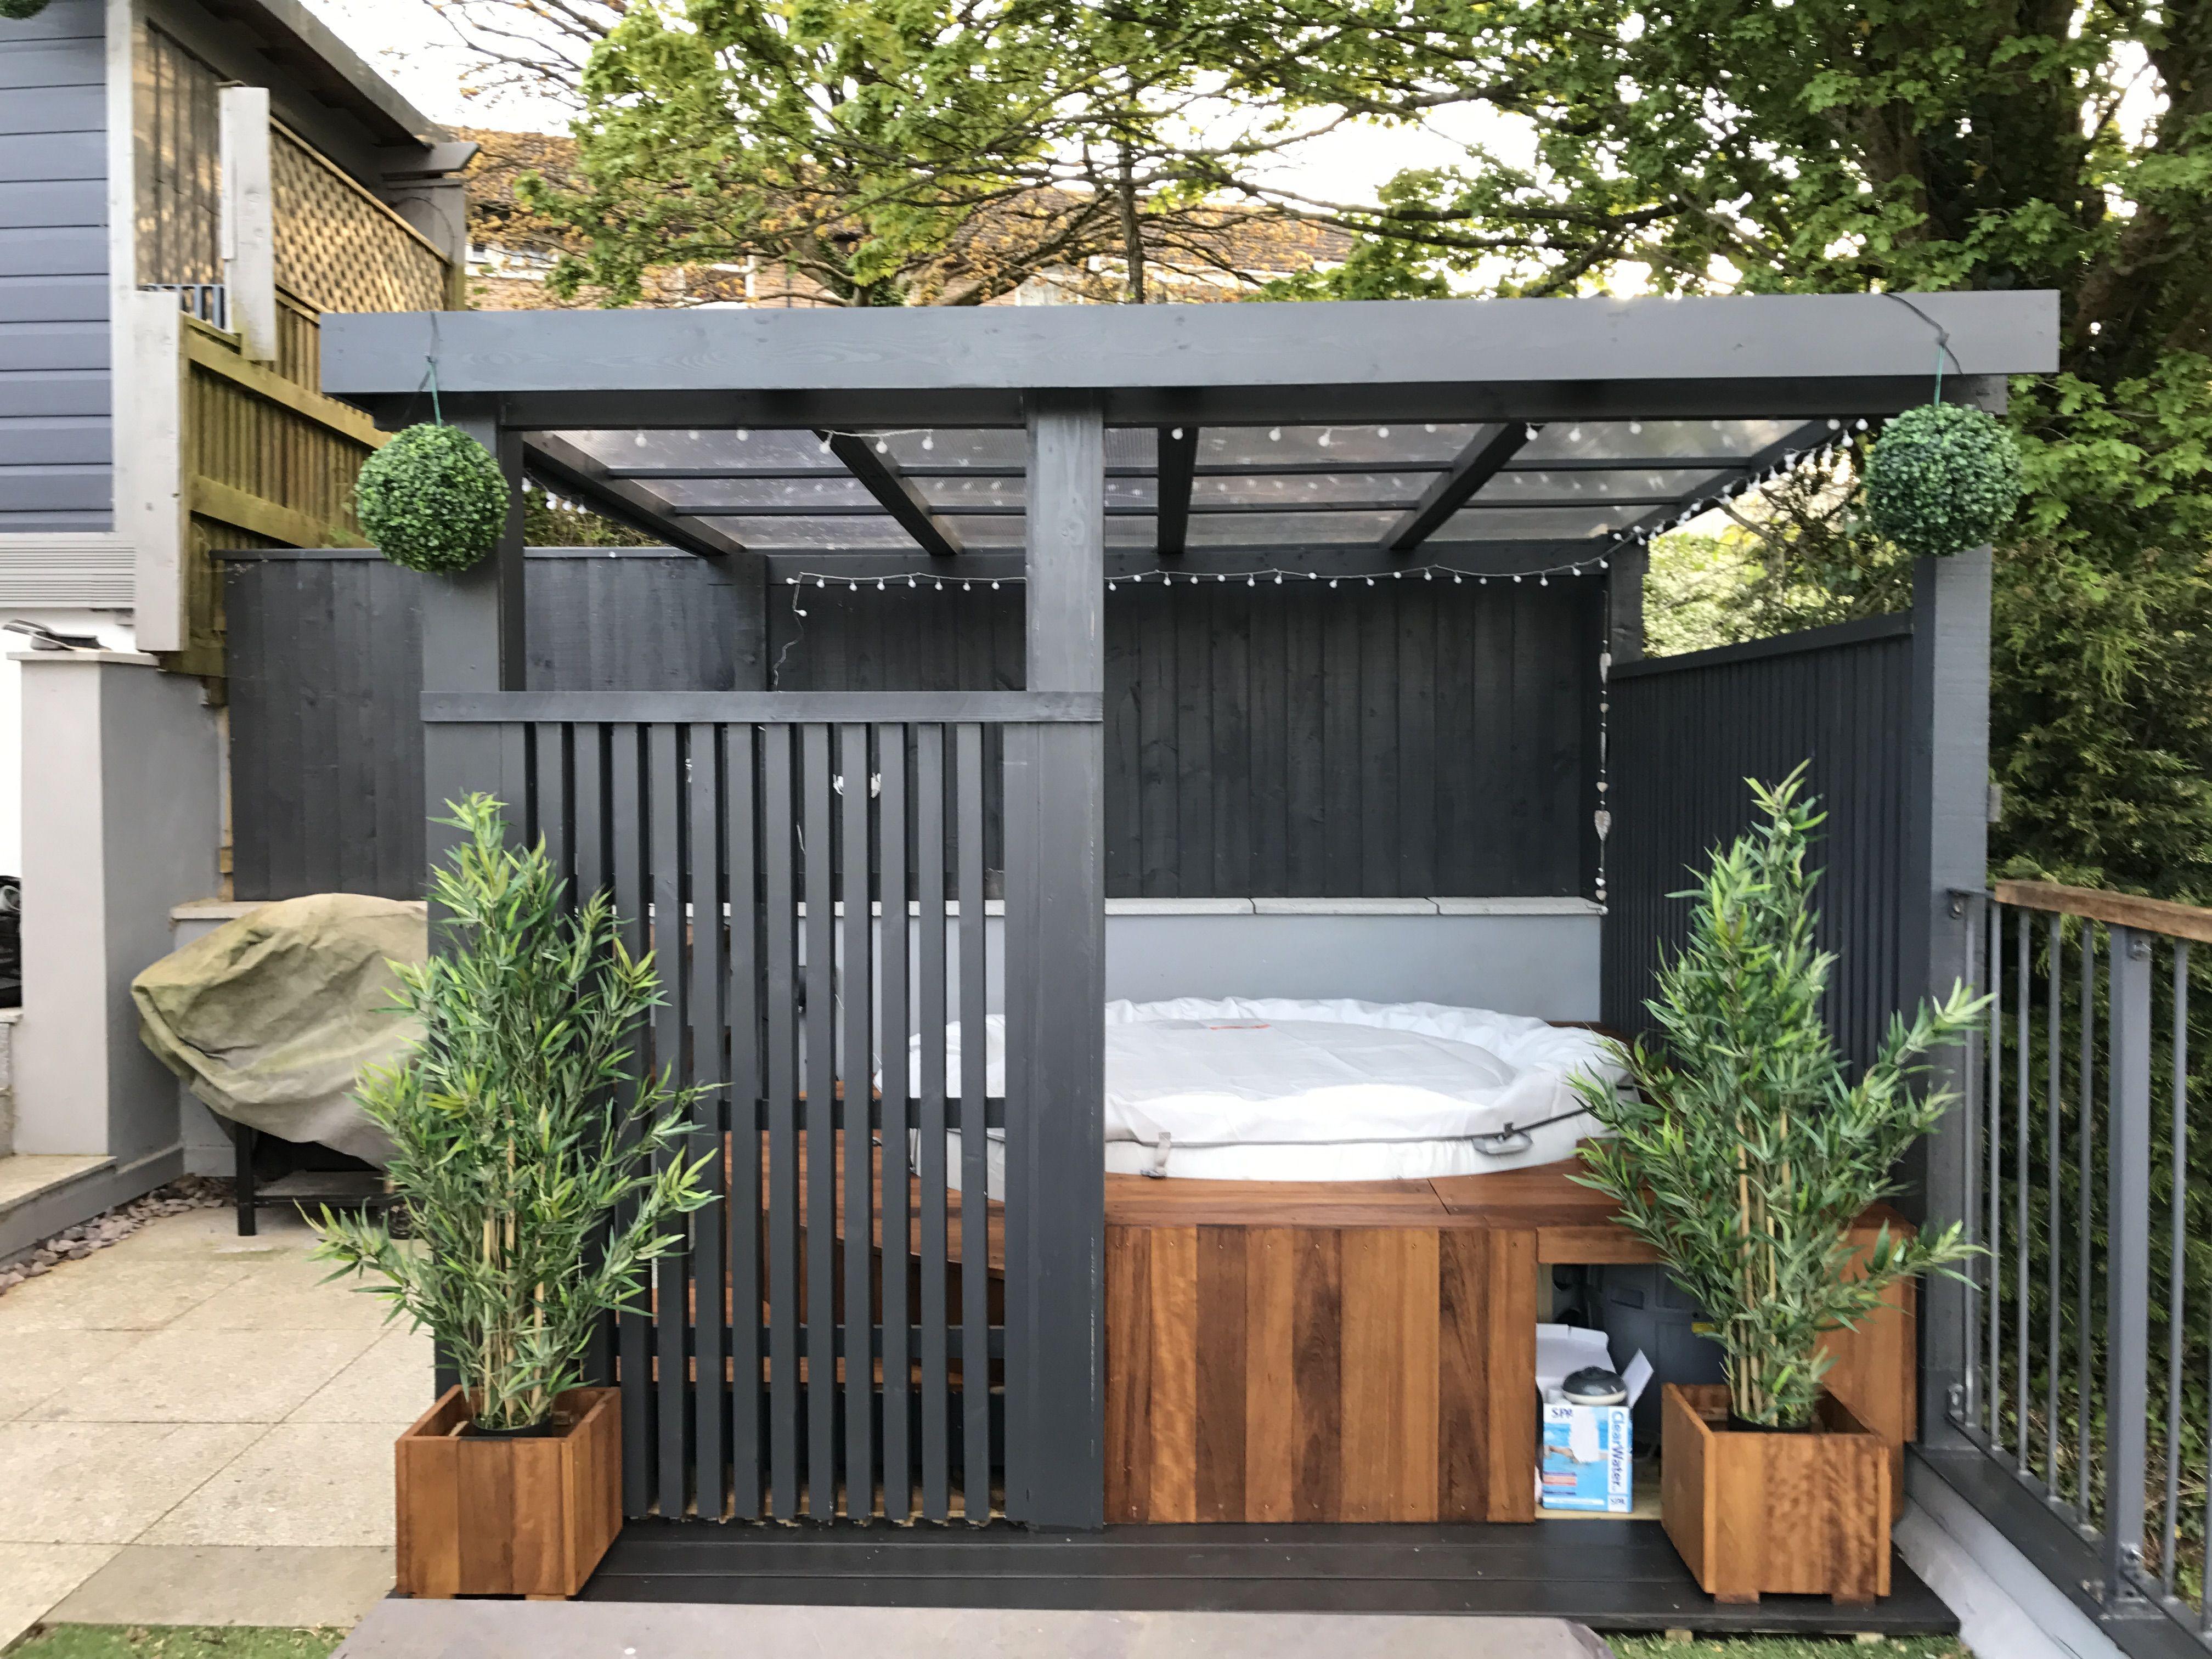 Garden tub decor  Modern grey pergolaLazy spa hot tub iroko surround  Courtyard